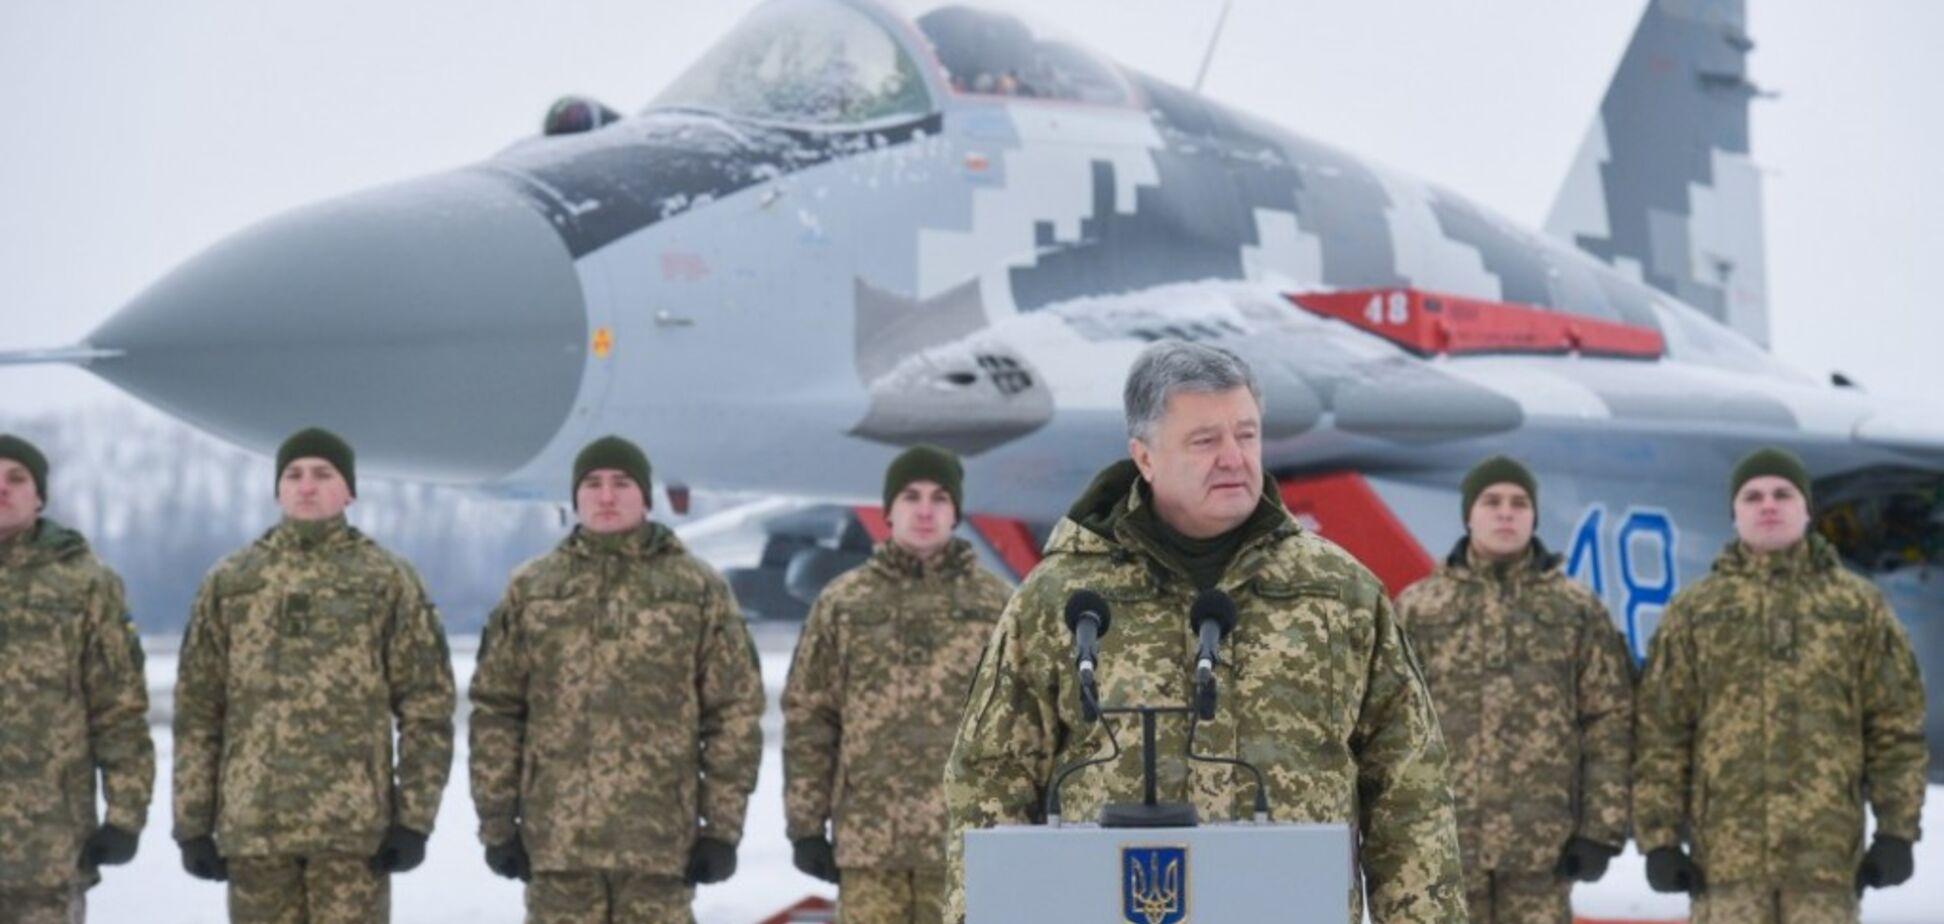 Путин стягивает к границам Украины военных и технику: Порошенко раскрыл жуткие данные